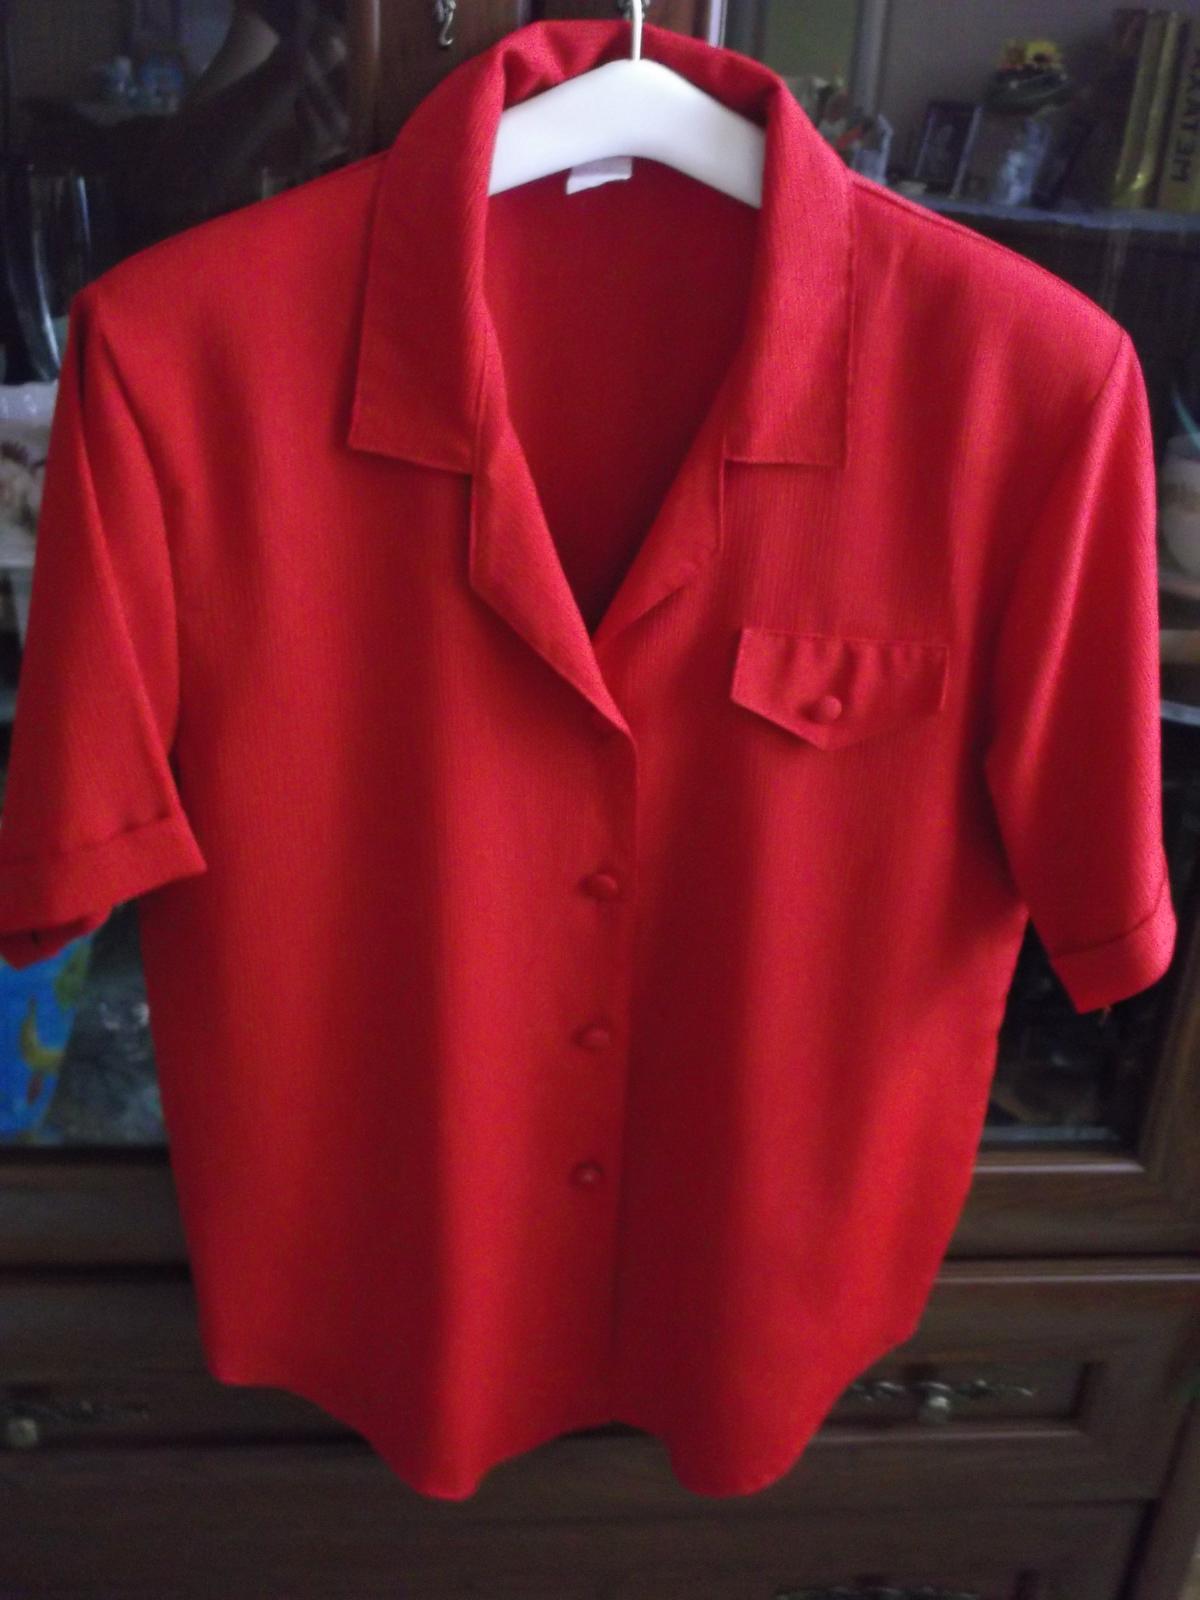 e0168f1a2e1c Dámsky nohavicový kostým + 2 blúzky